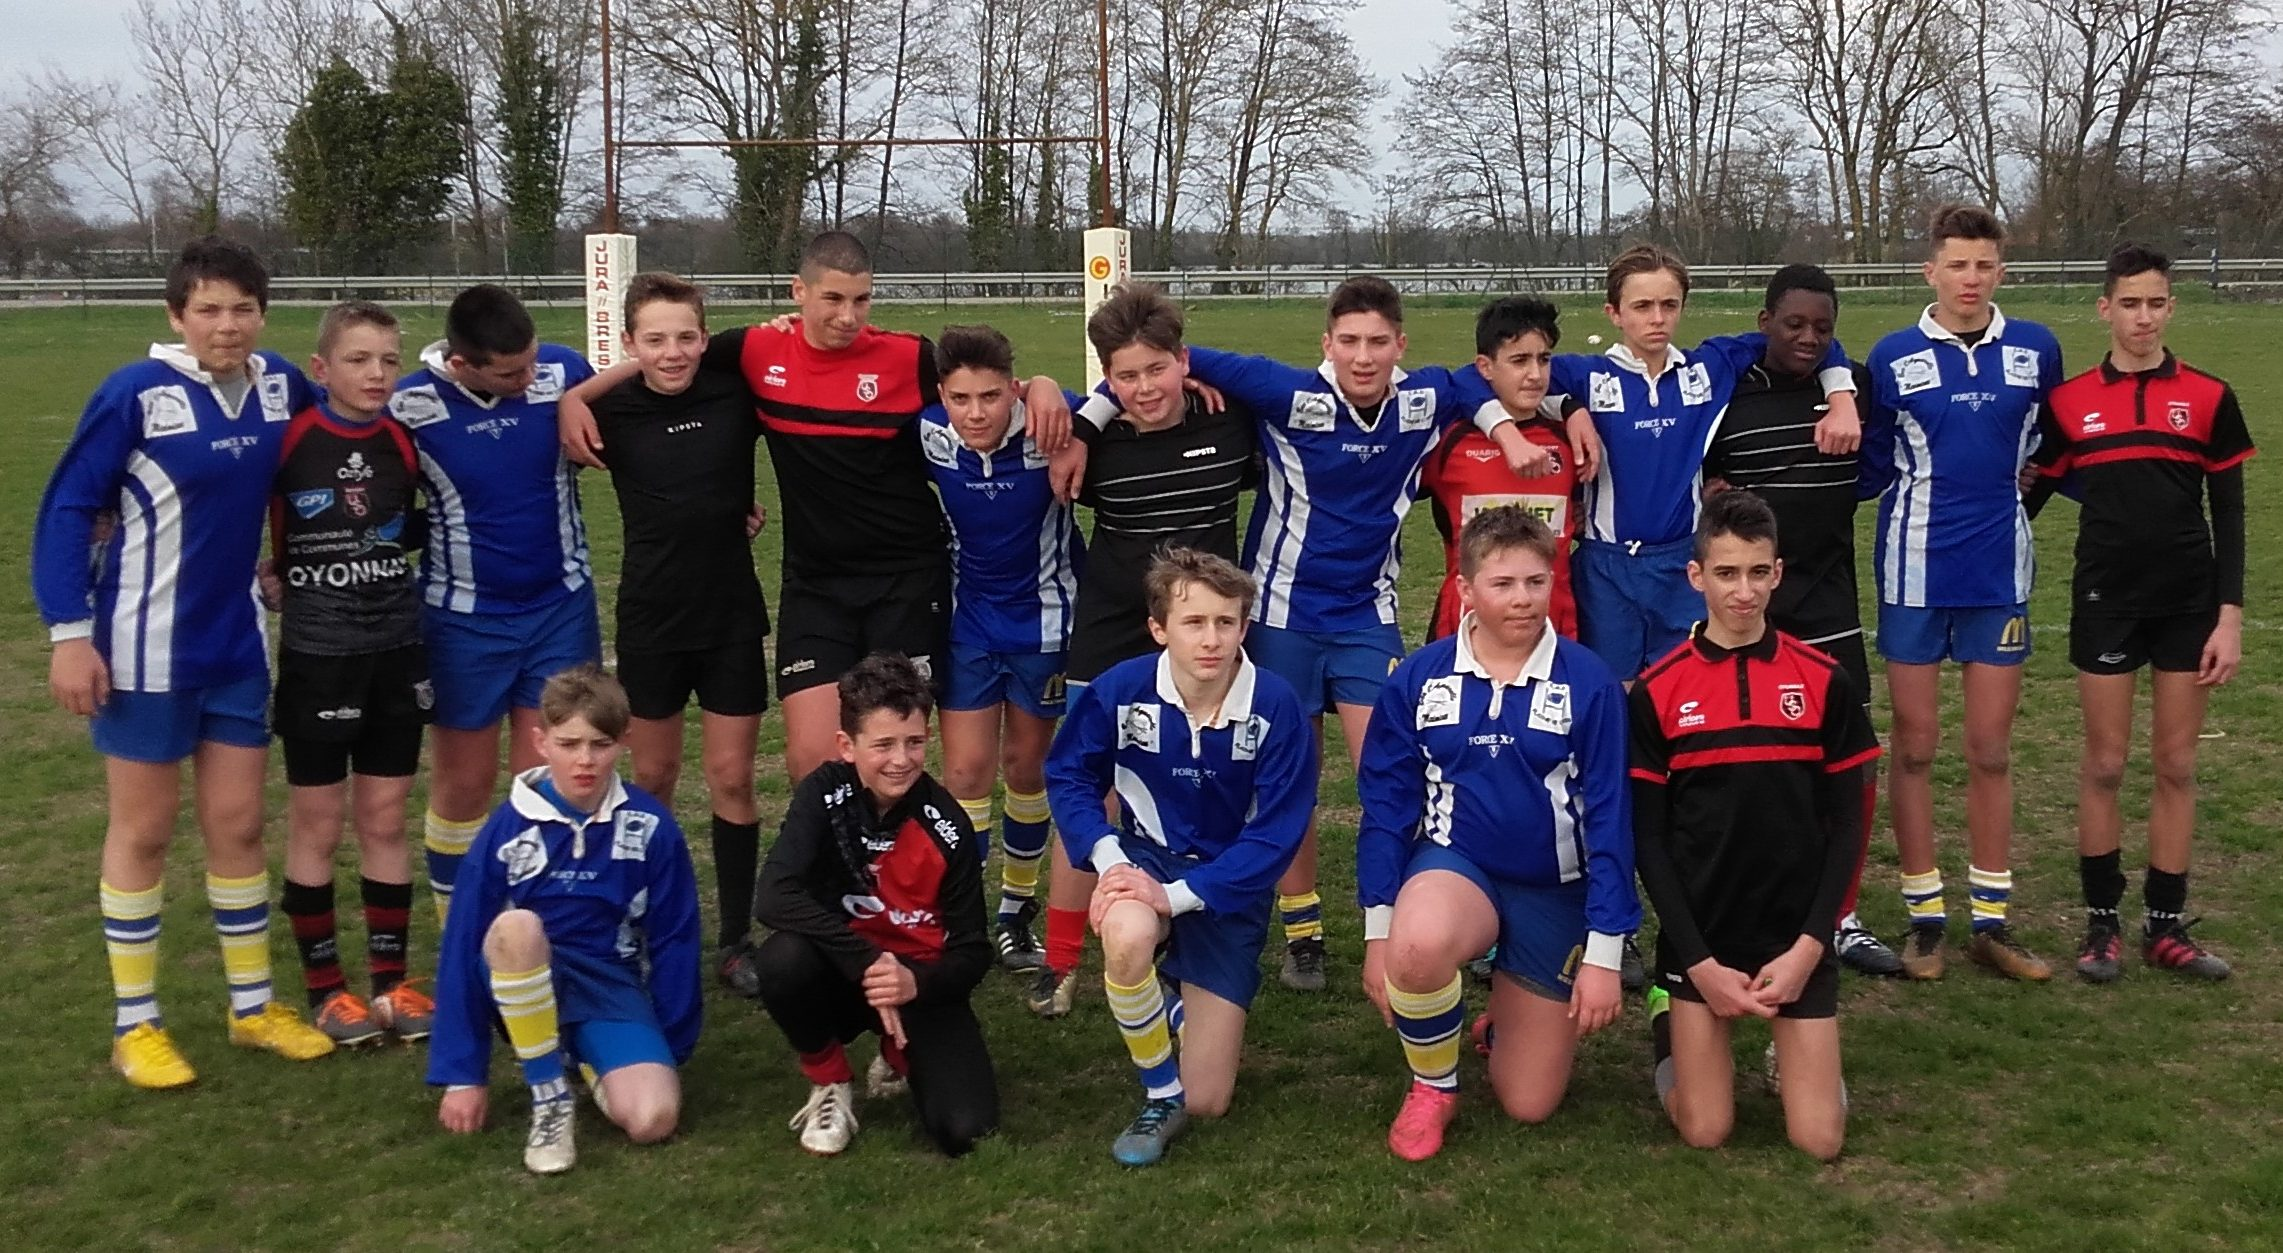 Les équipes minimes du collège de Leyment et d'Oyonnax